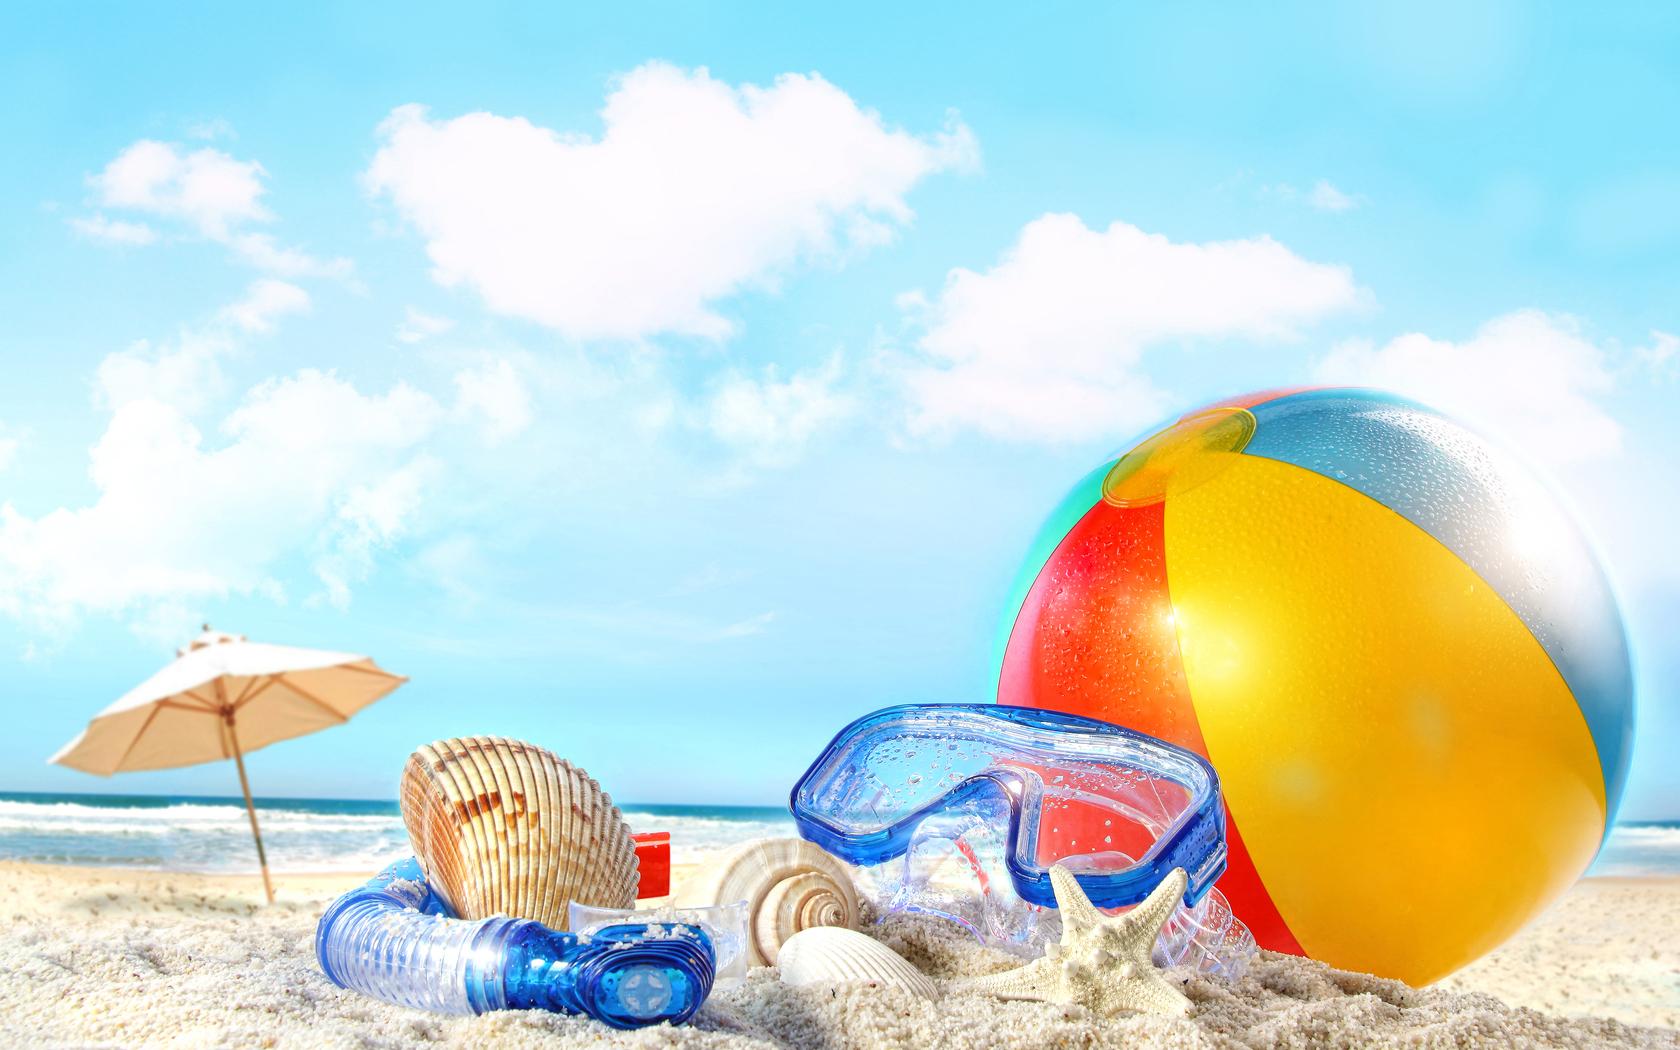 Картинки с летней тематикой